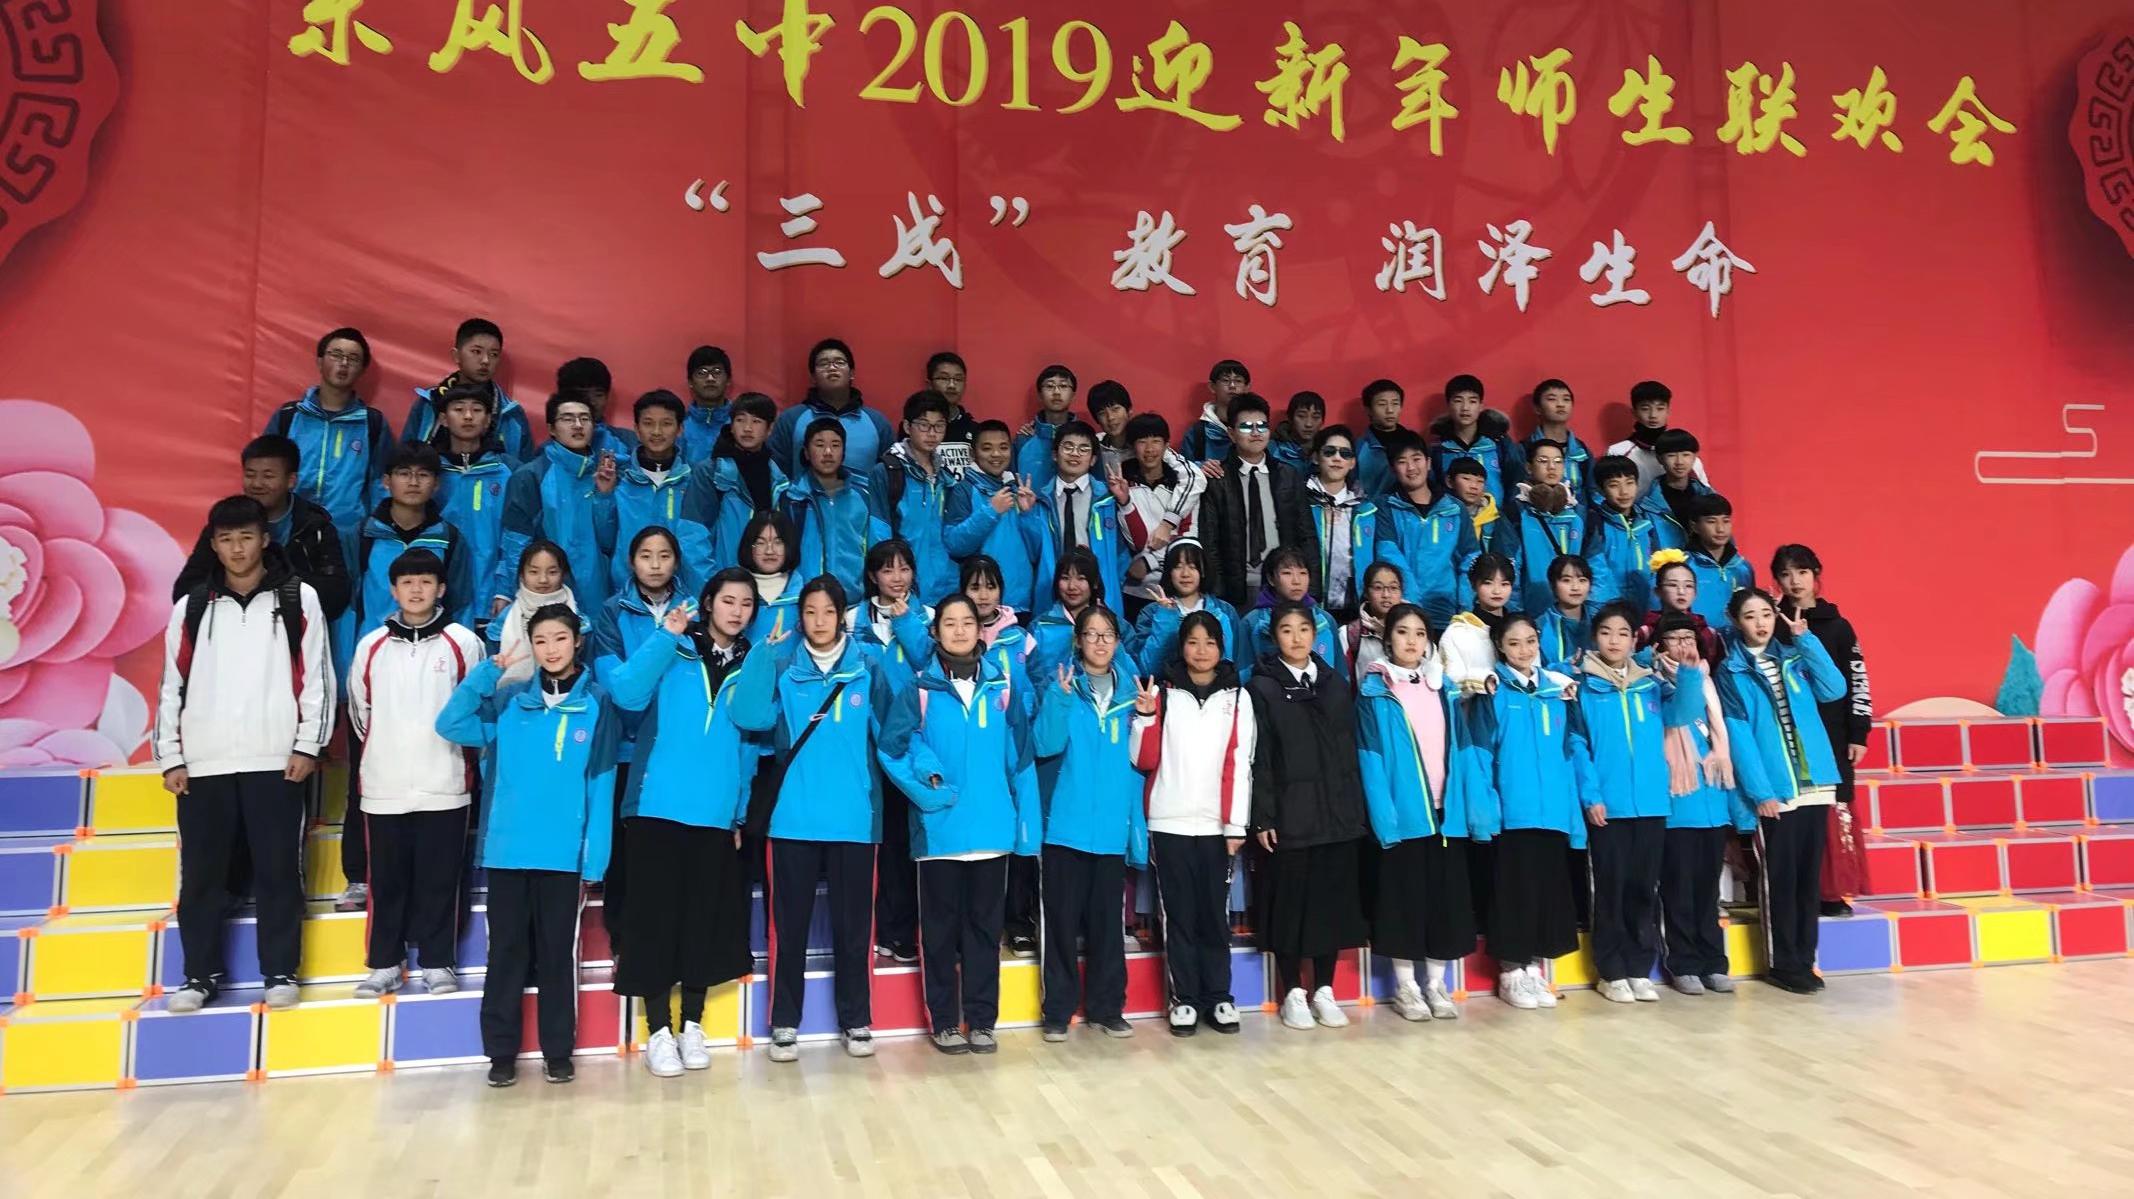 红昭愿|东风五中2019年元旦编舞